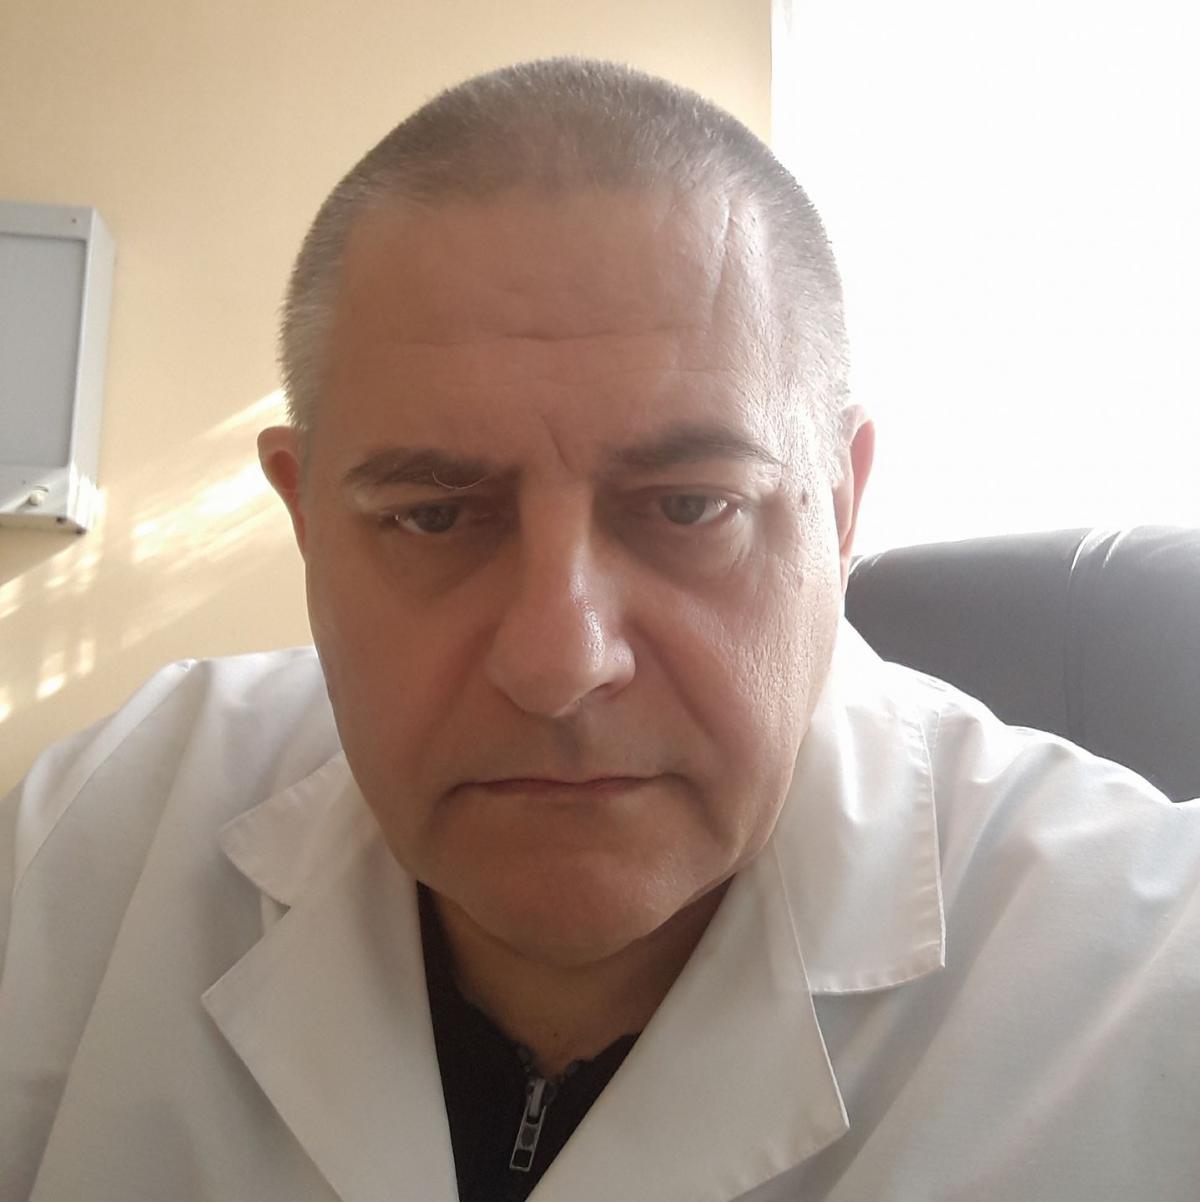 У ВНЗ підтвердили факт смерті свого співробітника/ фото Павло Пісковацький/Facebook